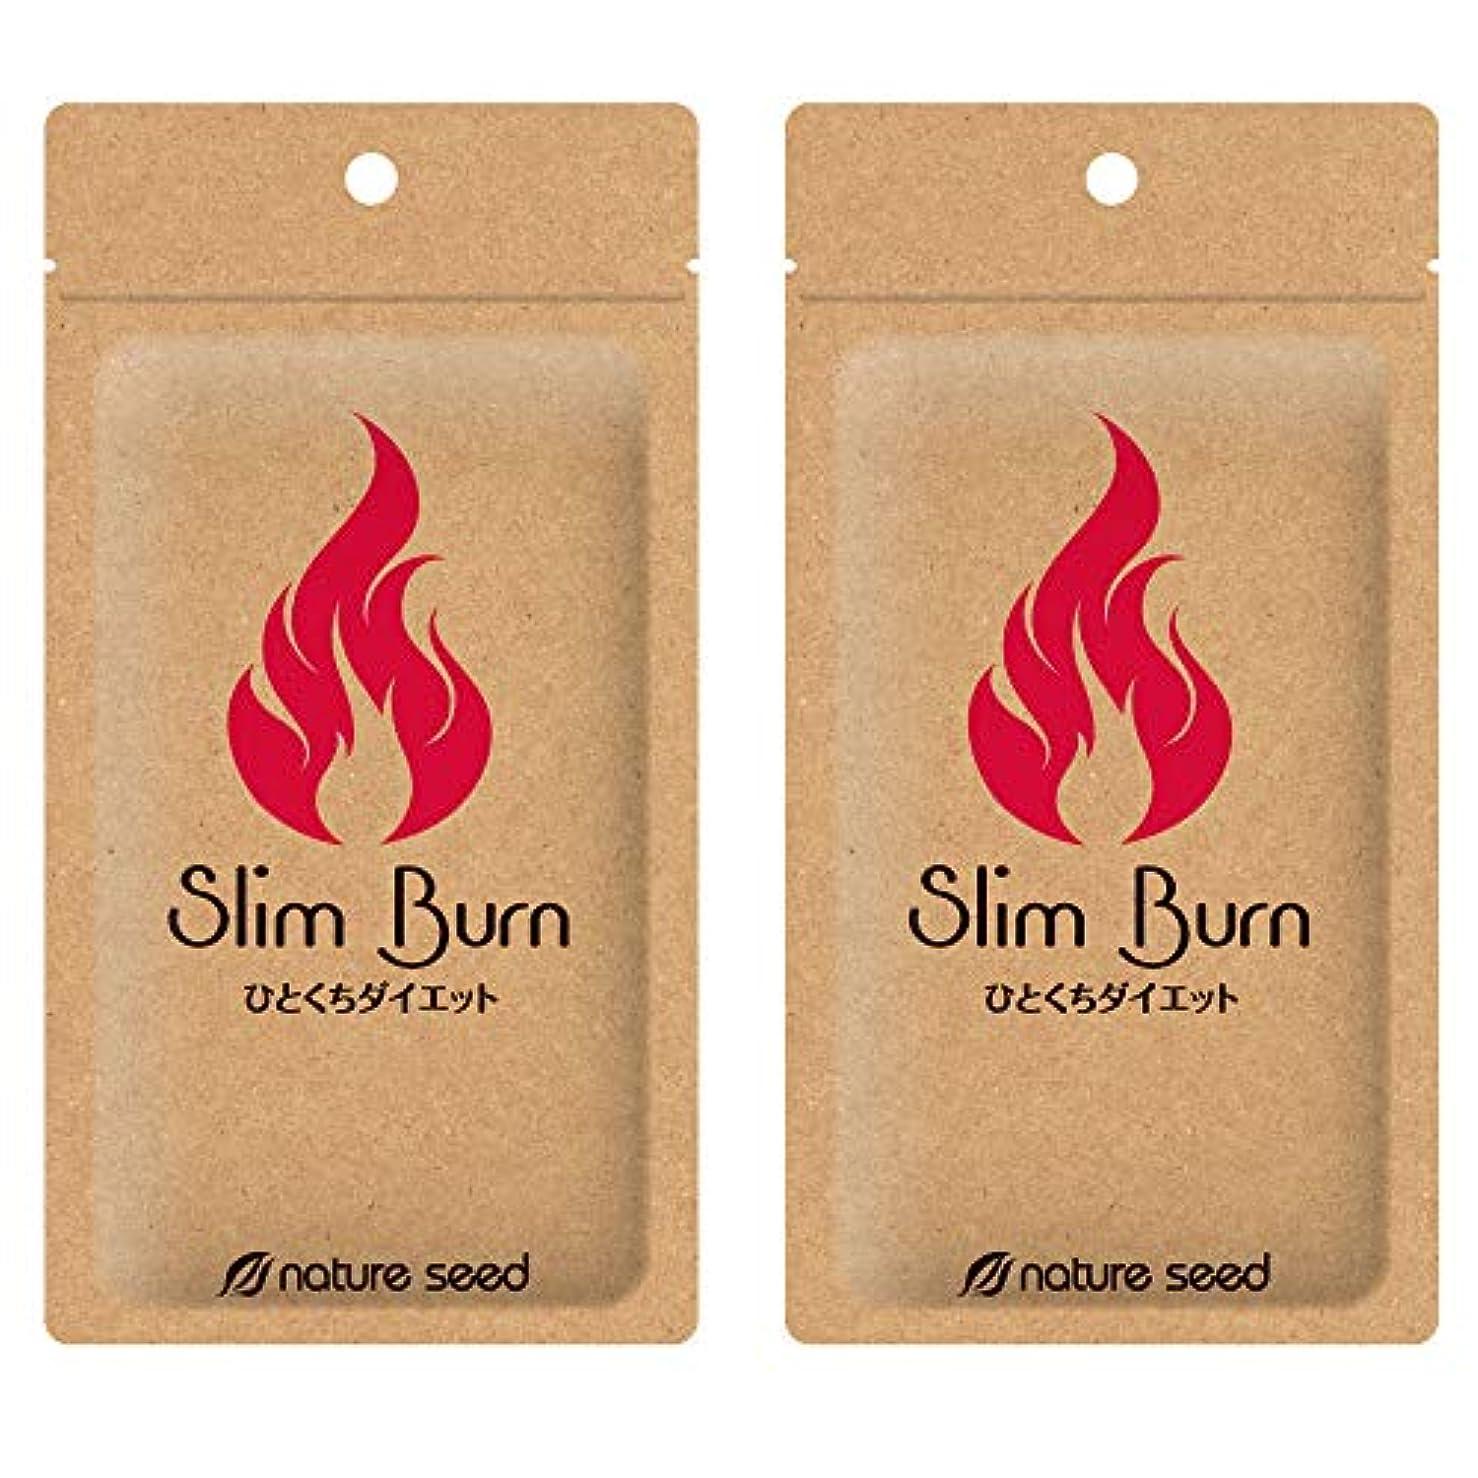 オリエントナイロンエゴイズム[燃焼サプリ]ダイエット 脂肪燃焼 くびれメイクをサポート サプリメント スリムバーン 2袋(約60日分)